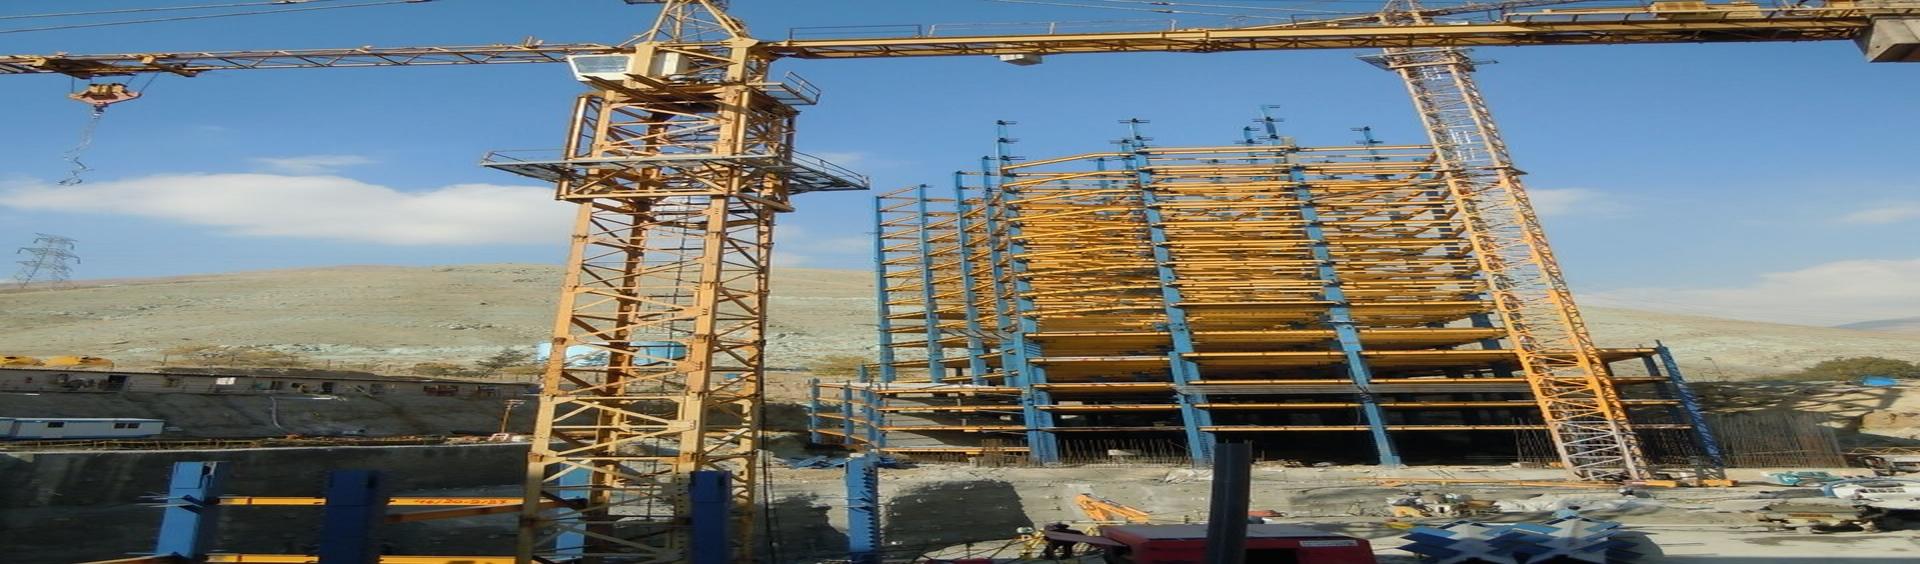 پروژه مسکونی 2000 تنی آرمیتاژ